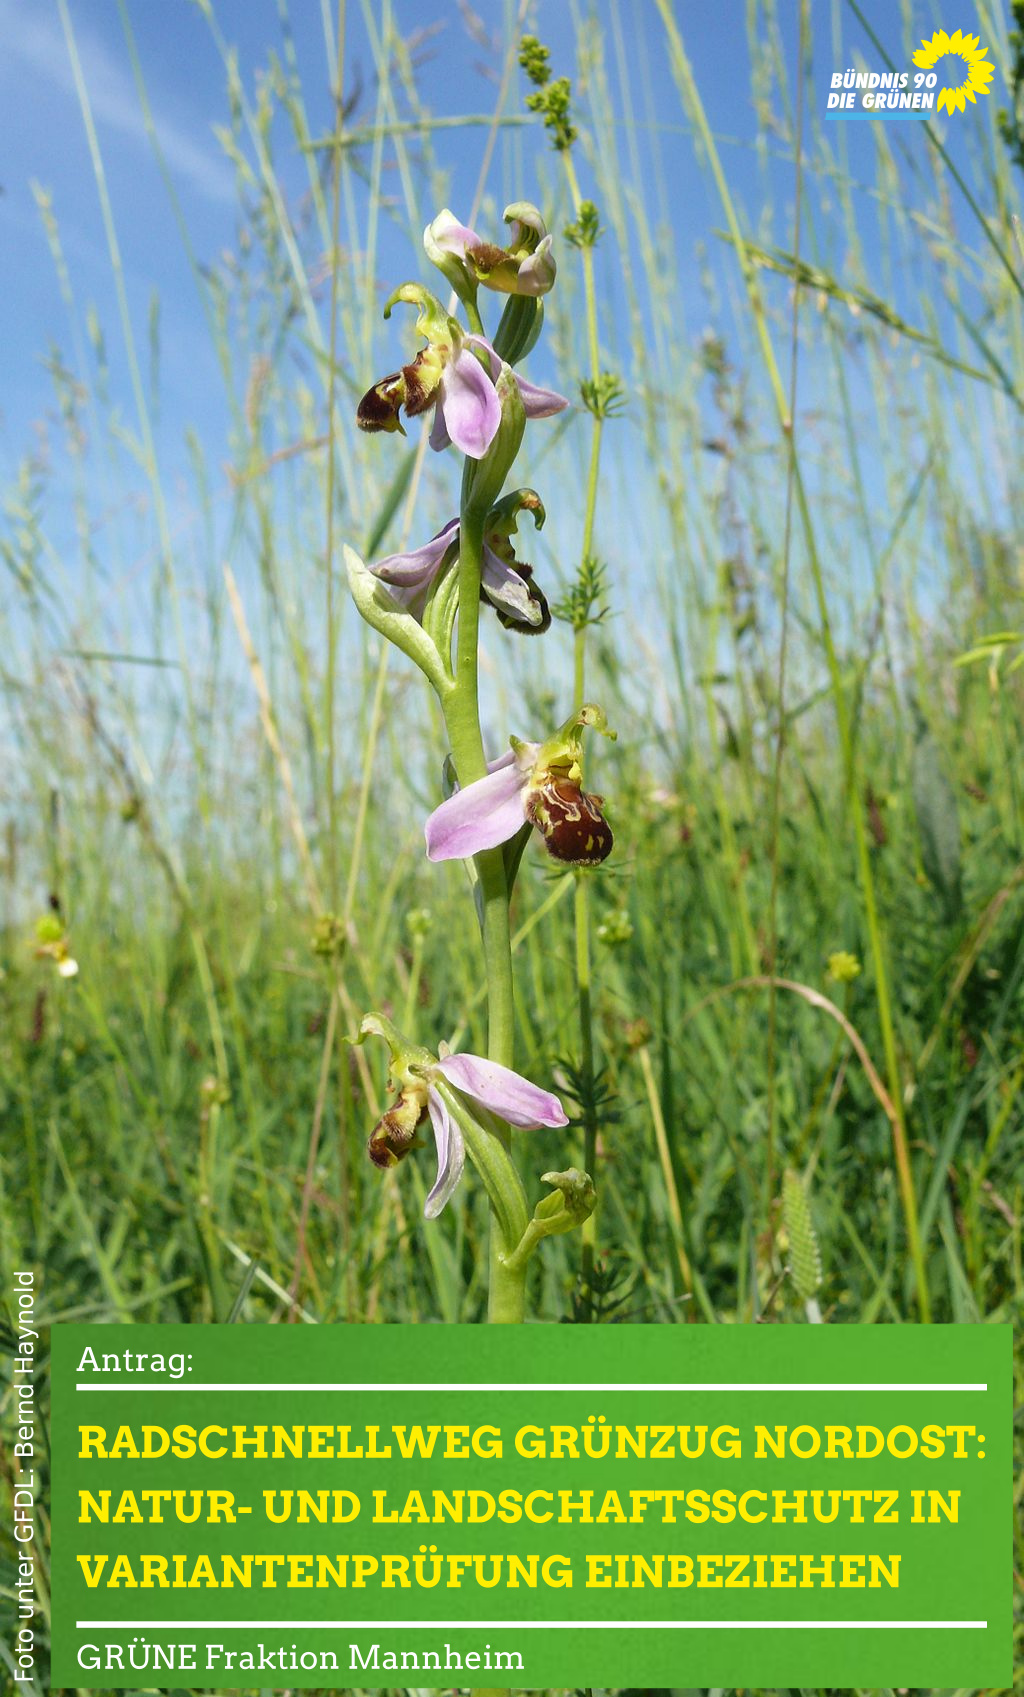 Orchideen in Wiese